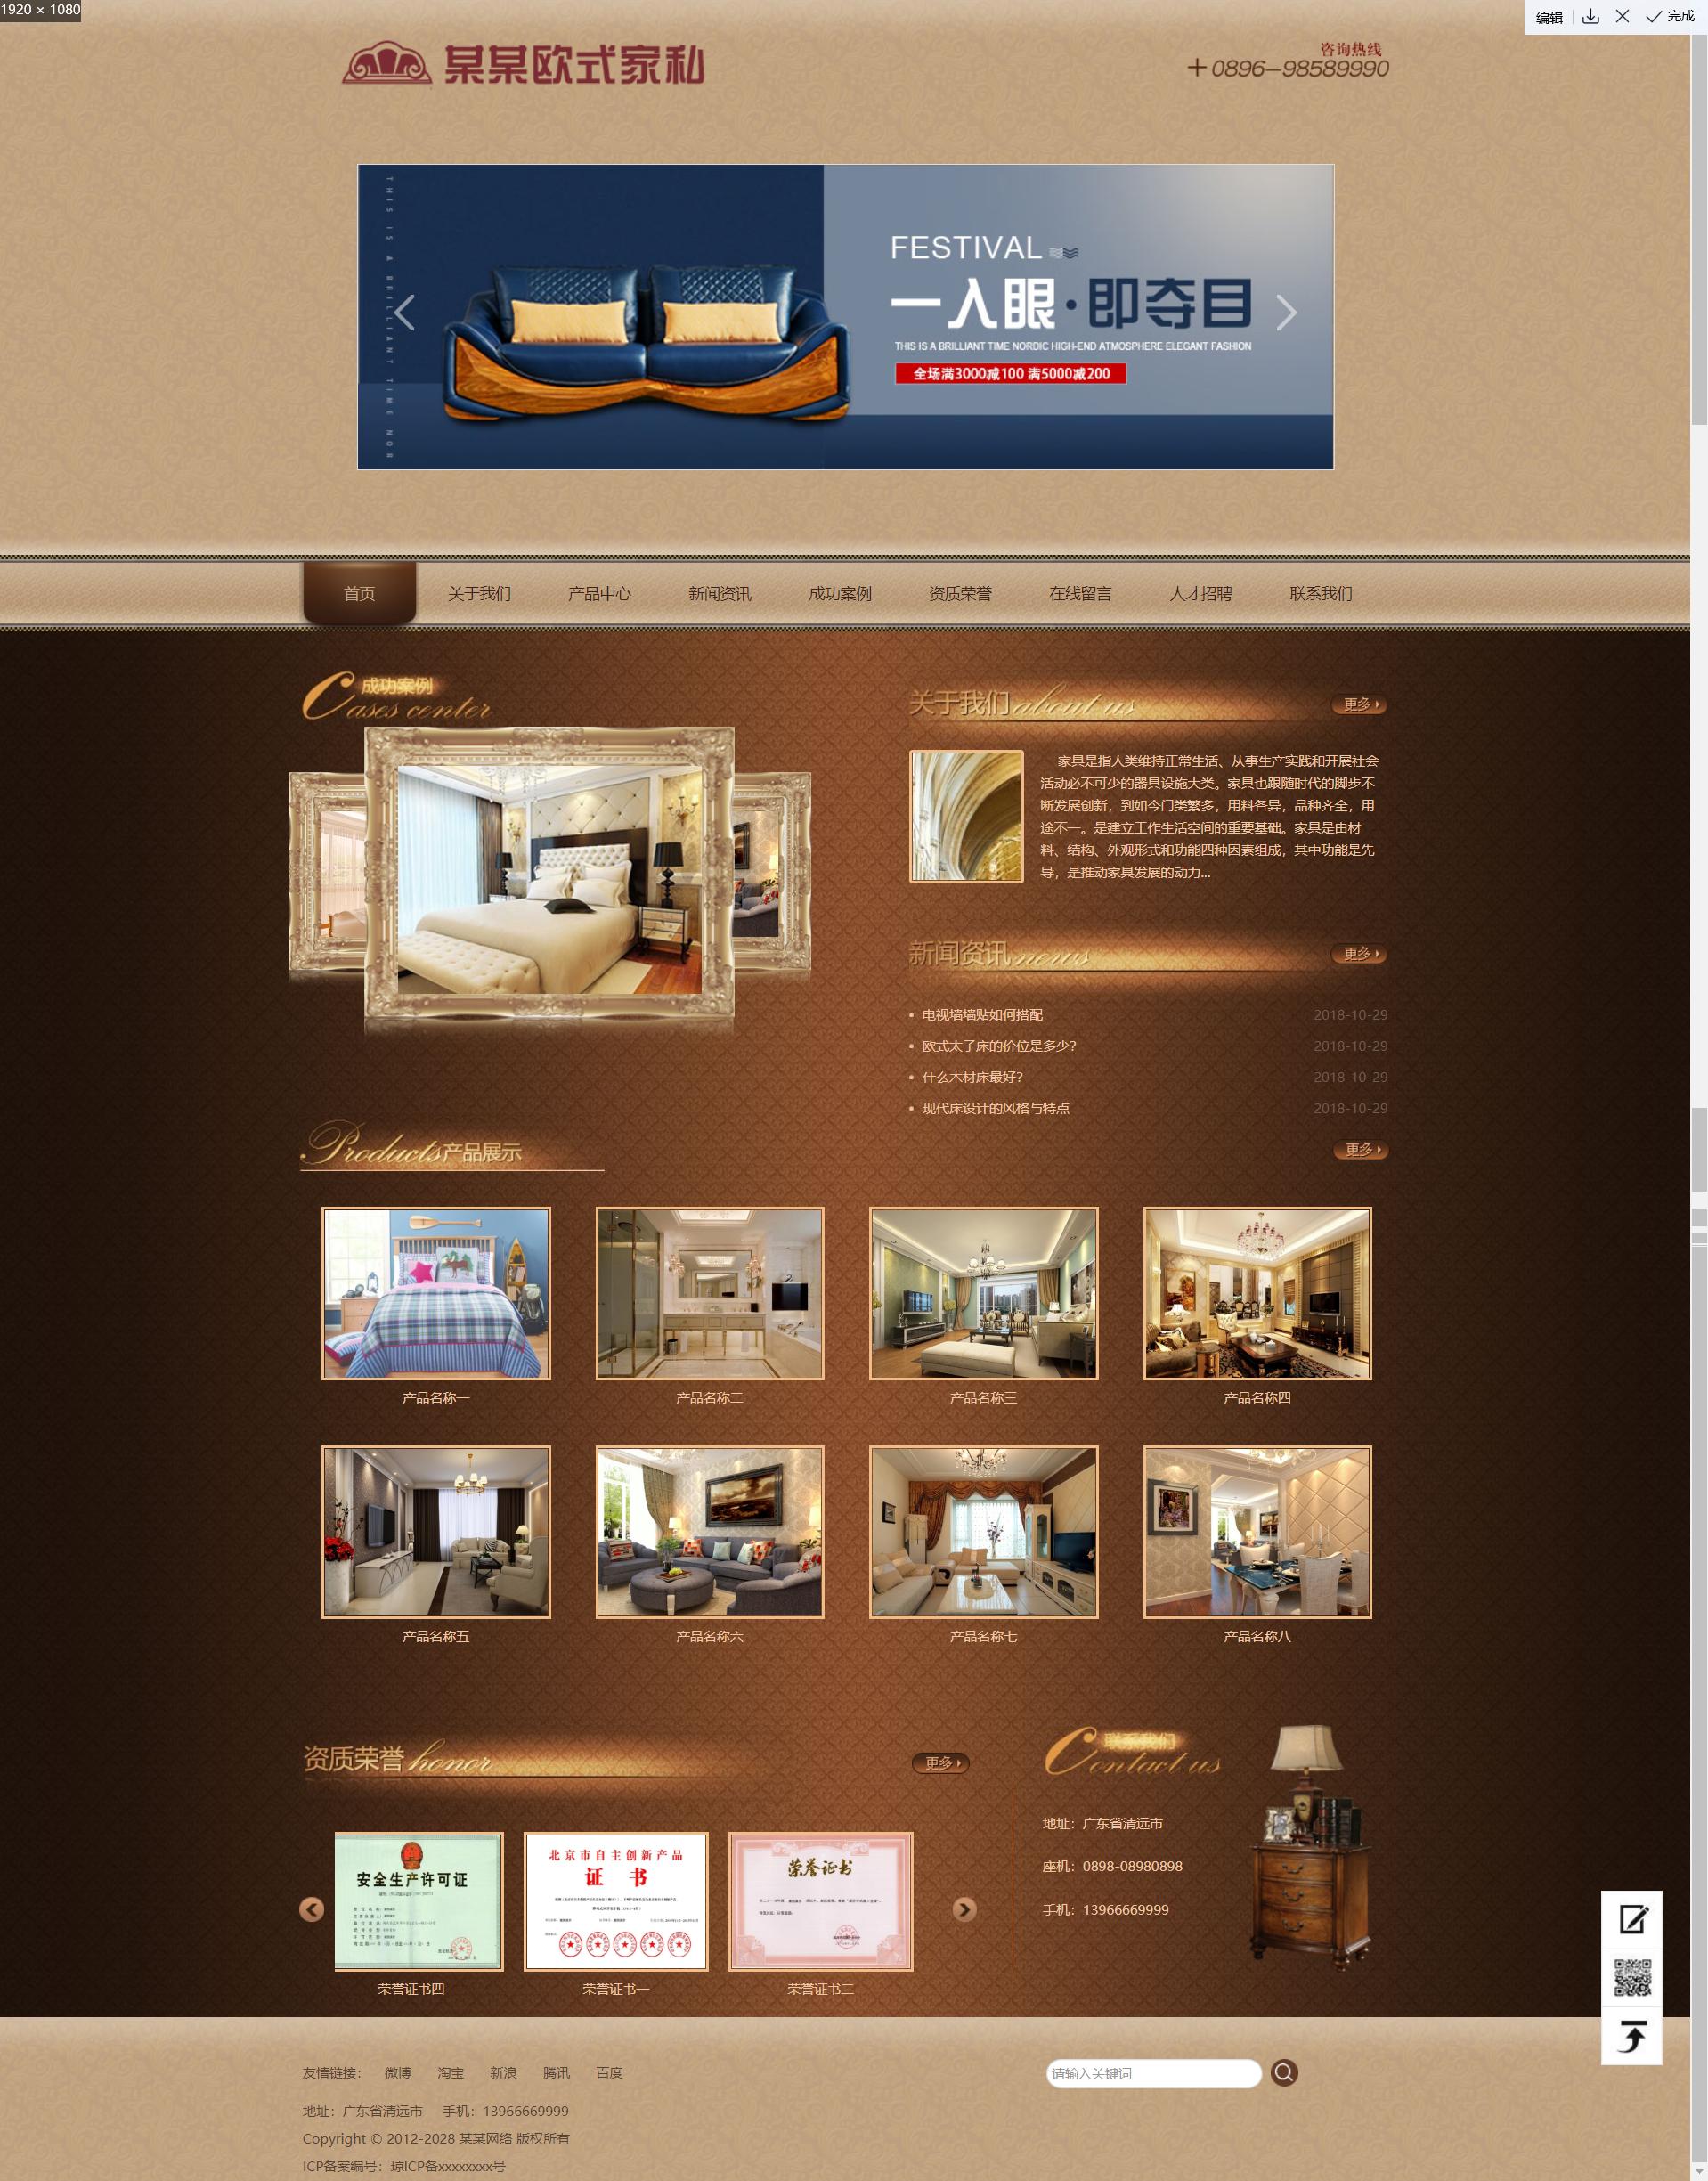 欧式古典家具家私沙发茶厅产品公司企业模板官网企业网站源码下载自适应手机端带强大的后台管理系统